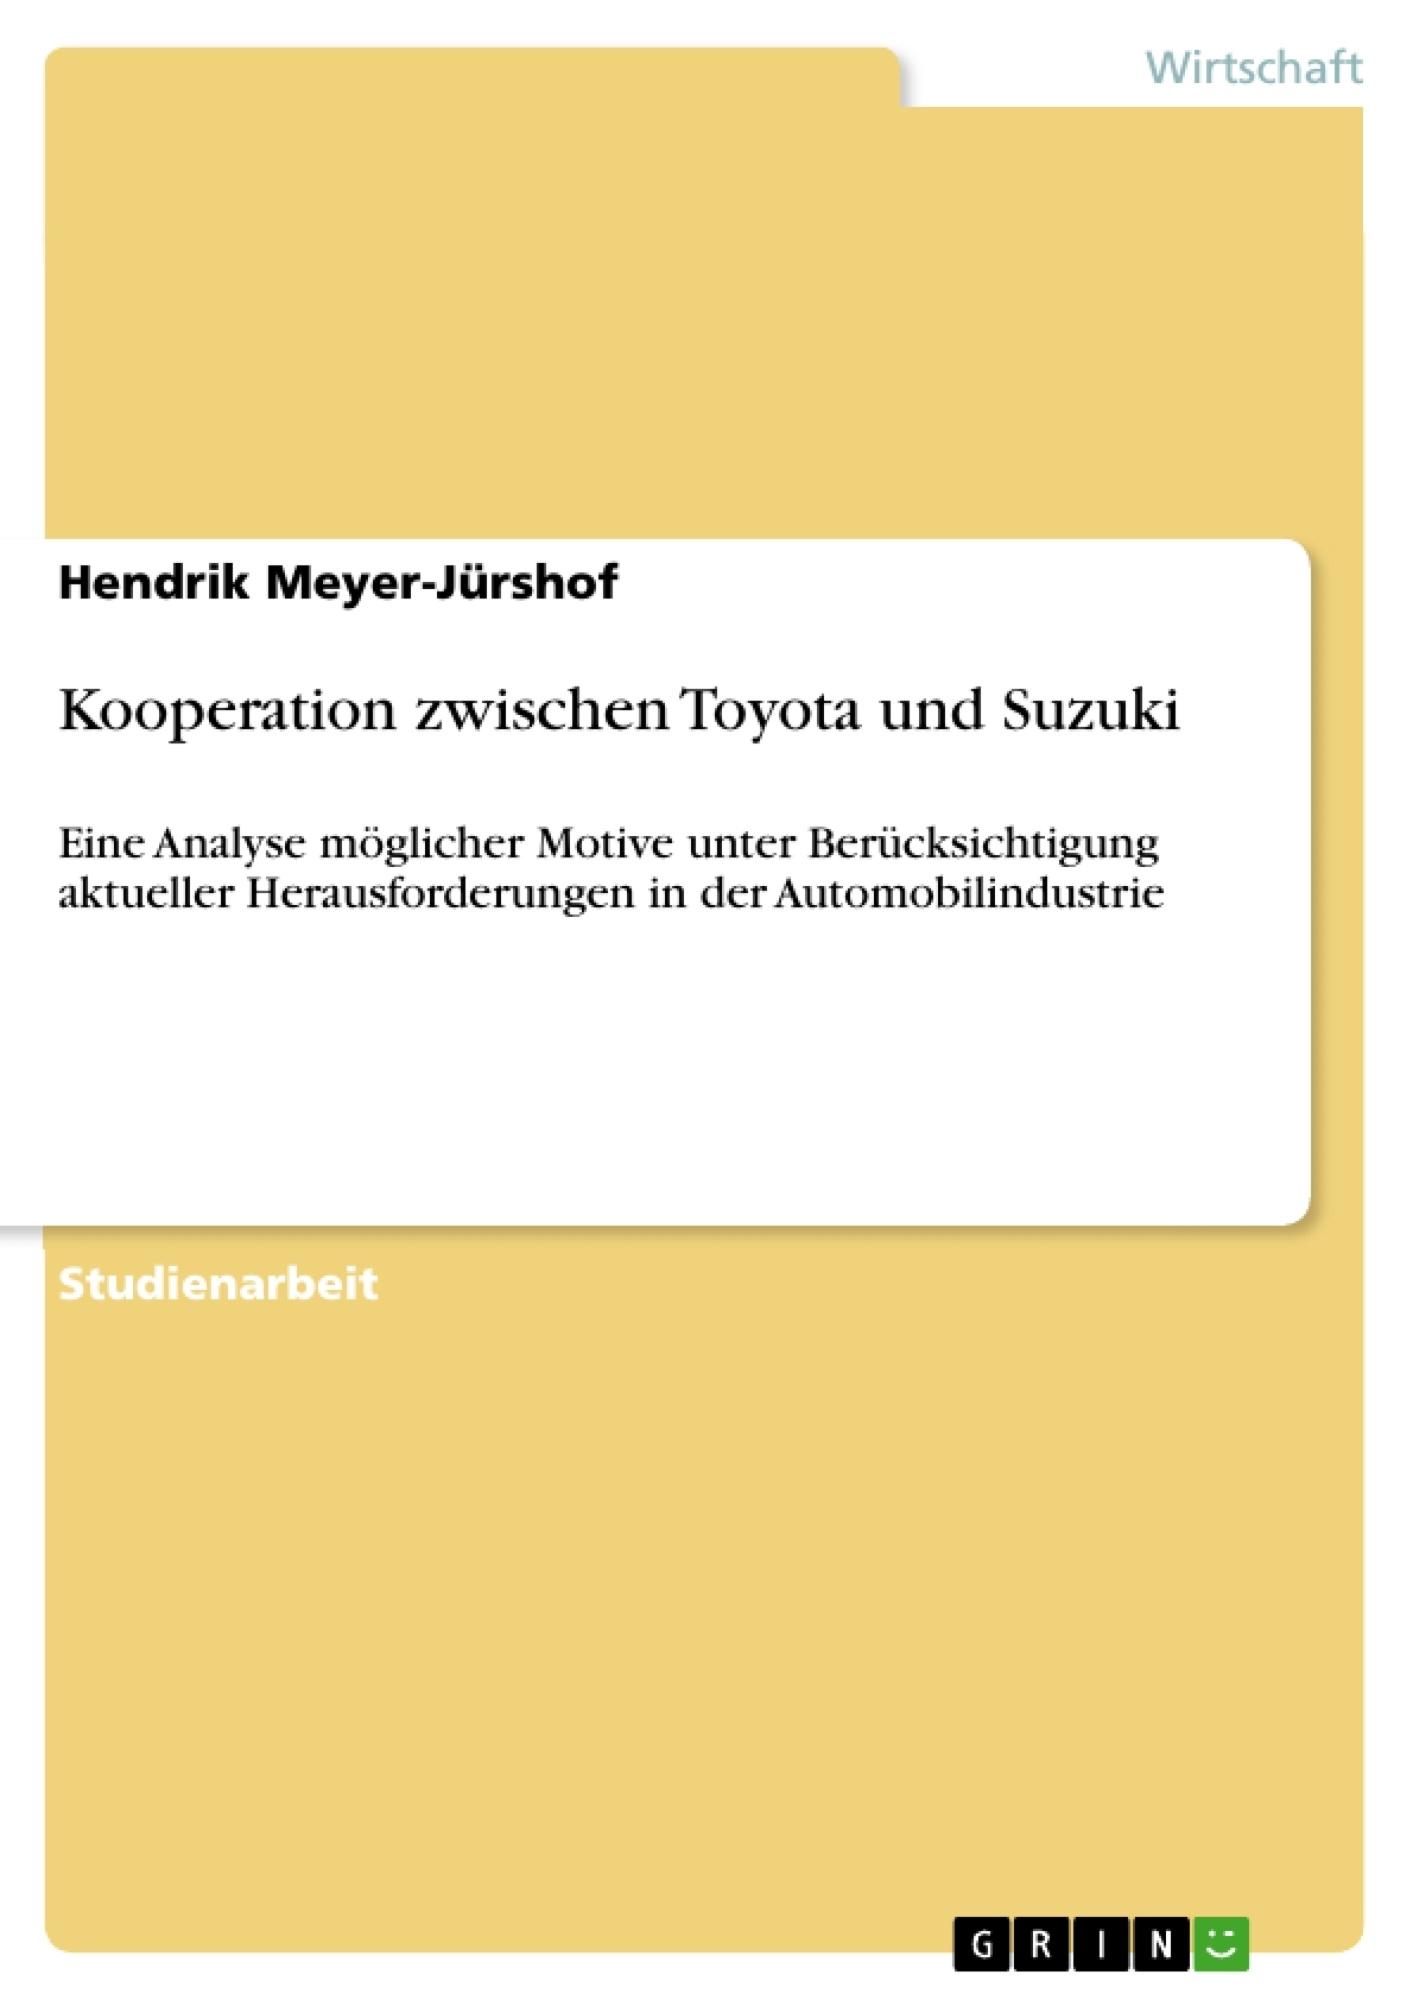 Titel: Kooperation zwischen Toyota und Suzuki